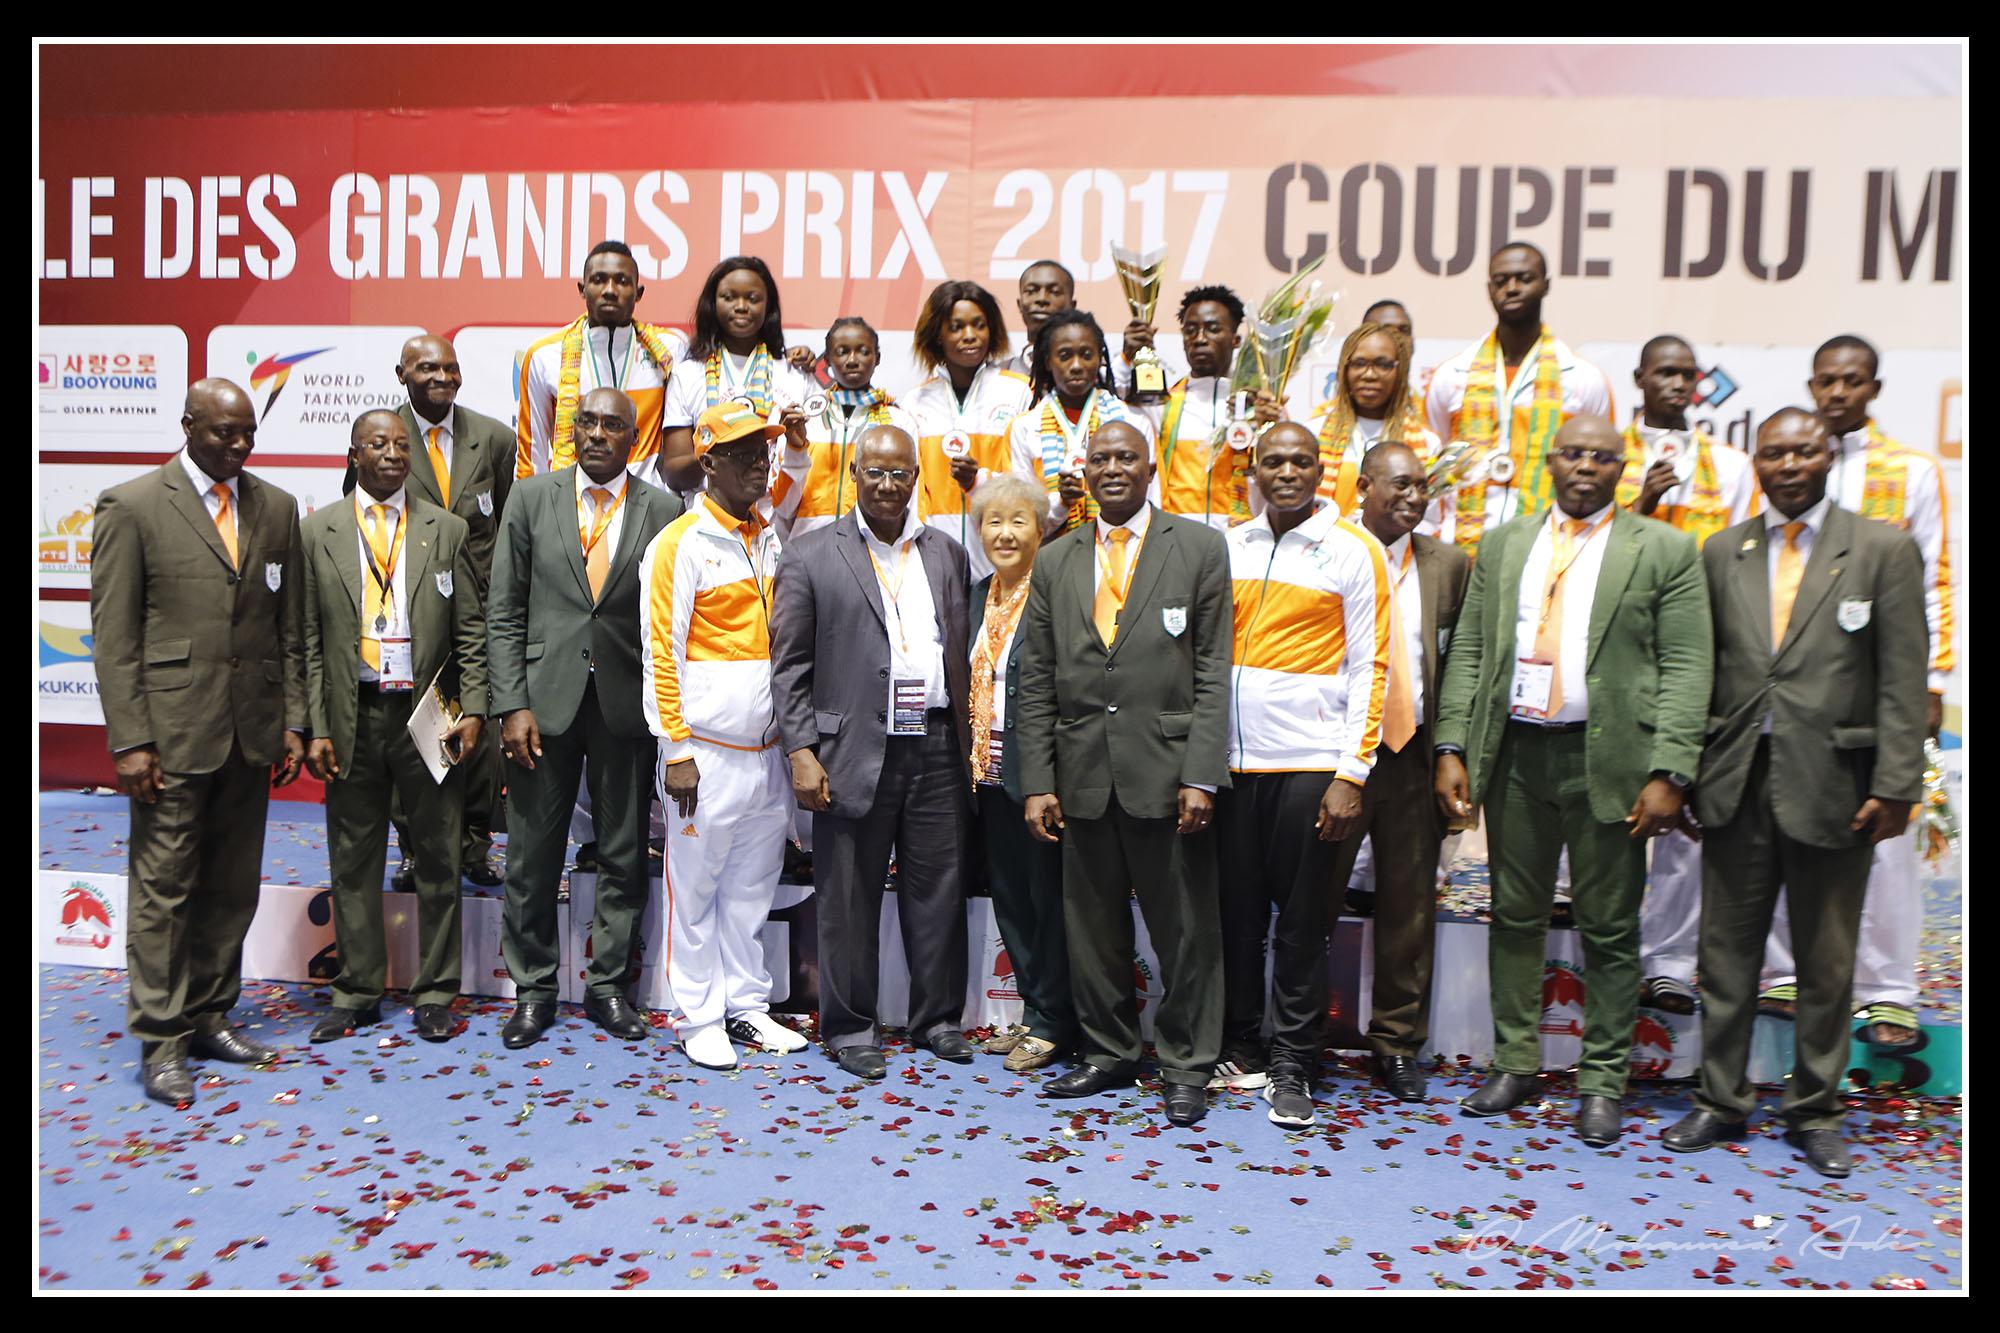 3-코트디부아르 태권도 국가대표팀과 함께.jpg